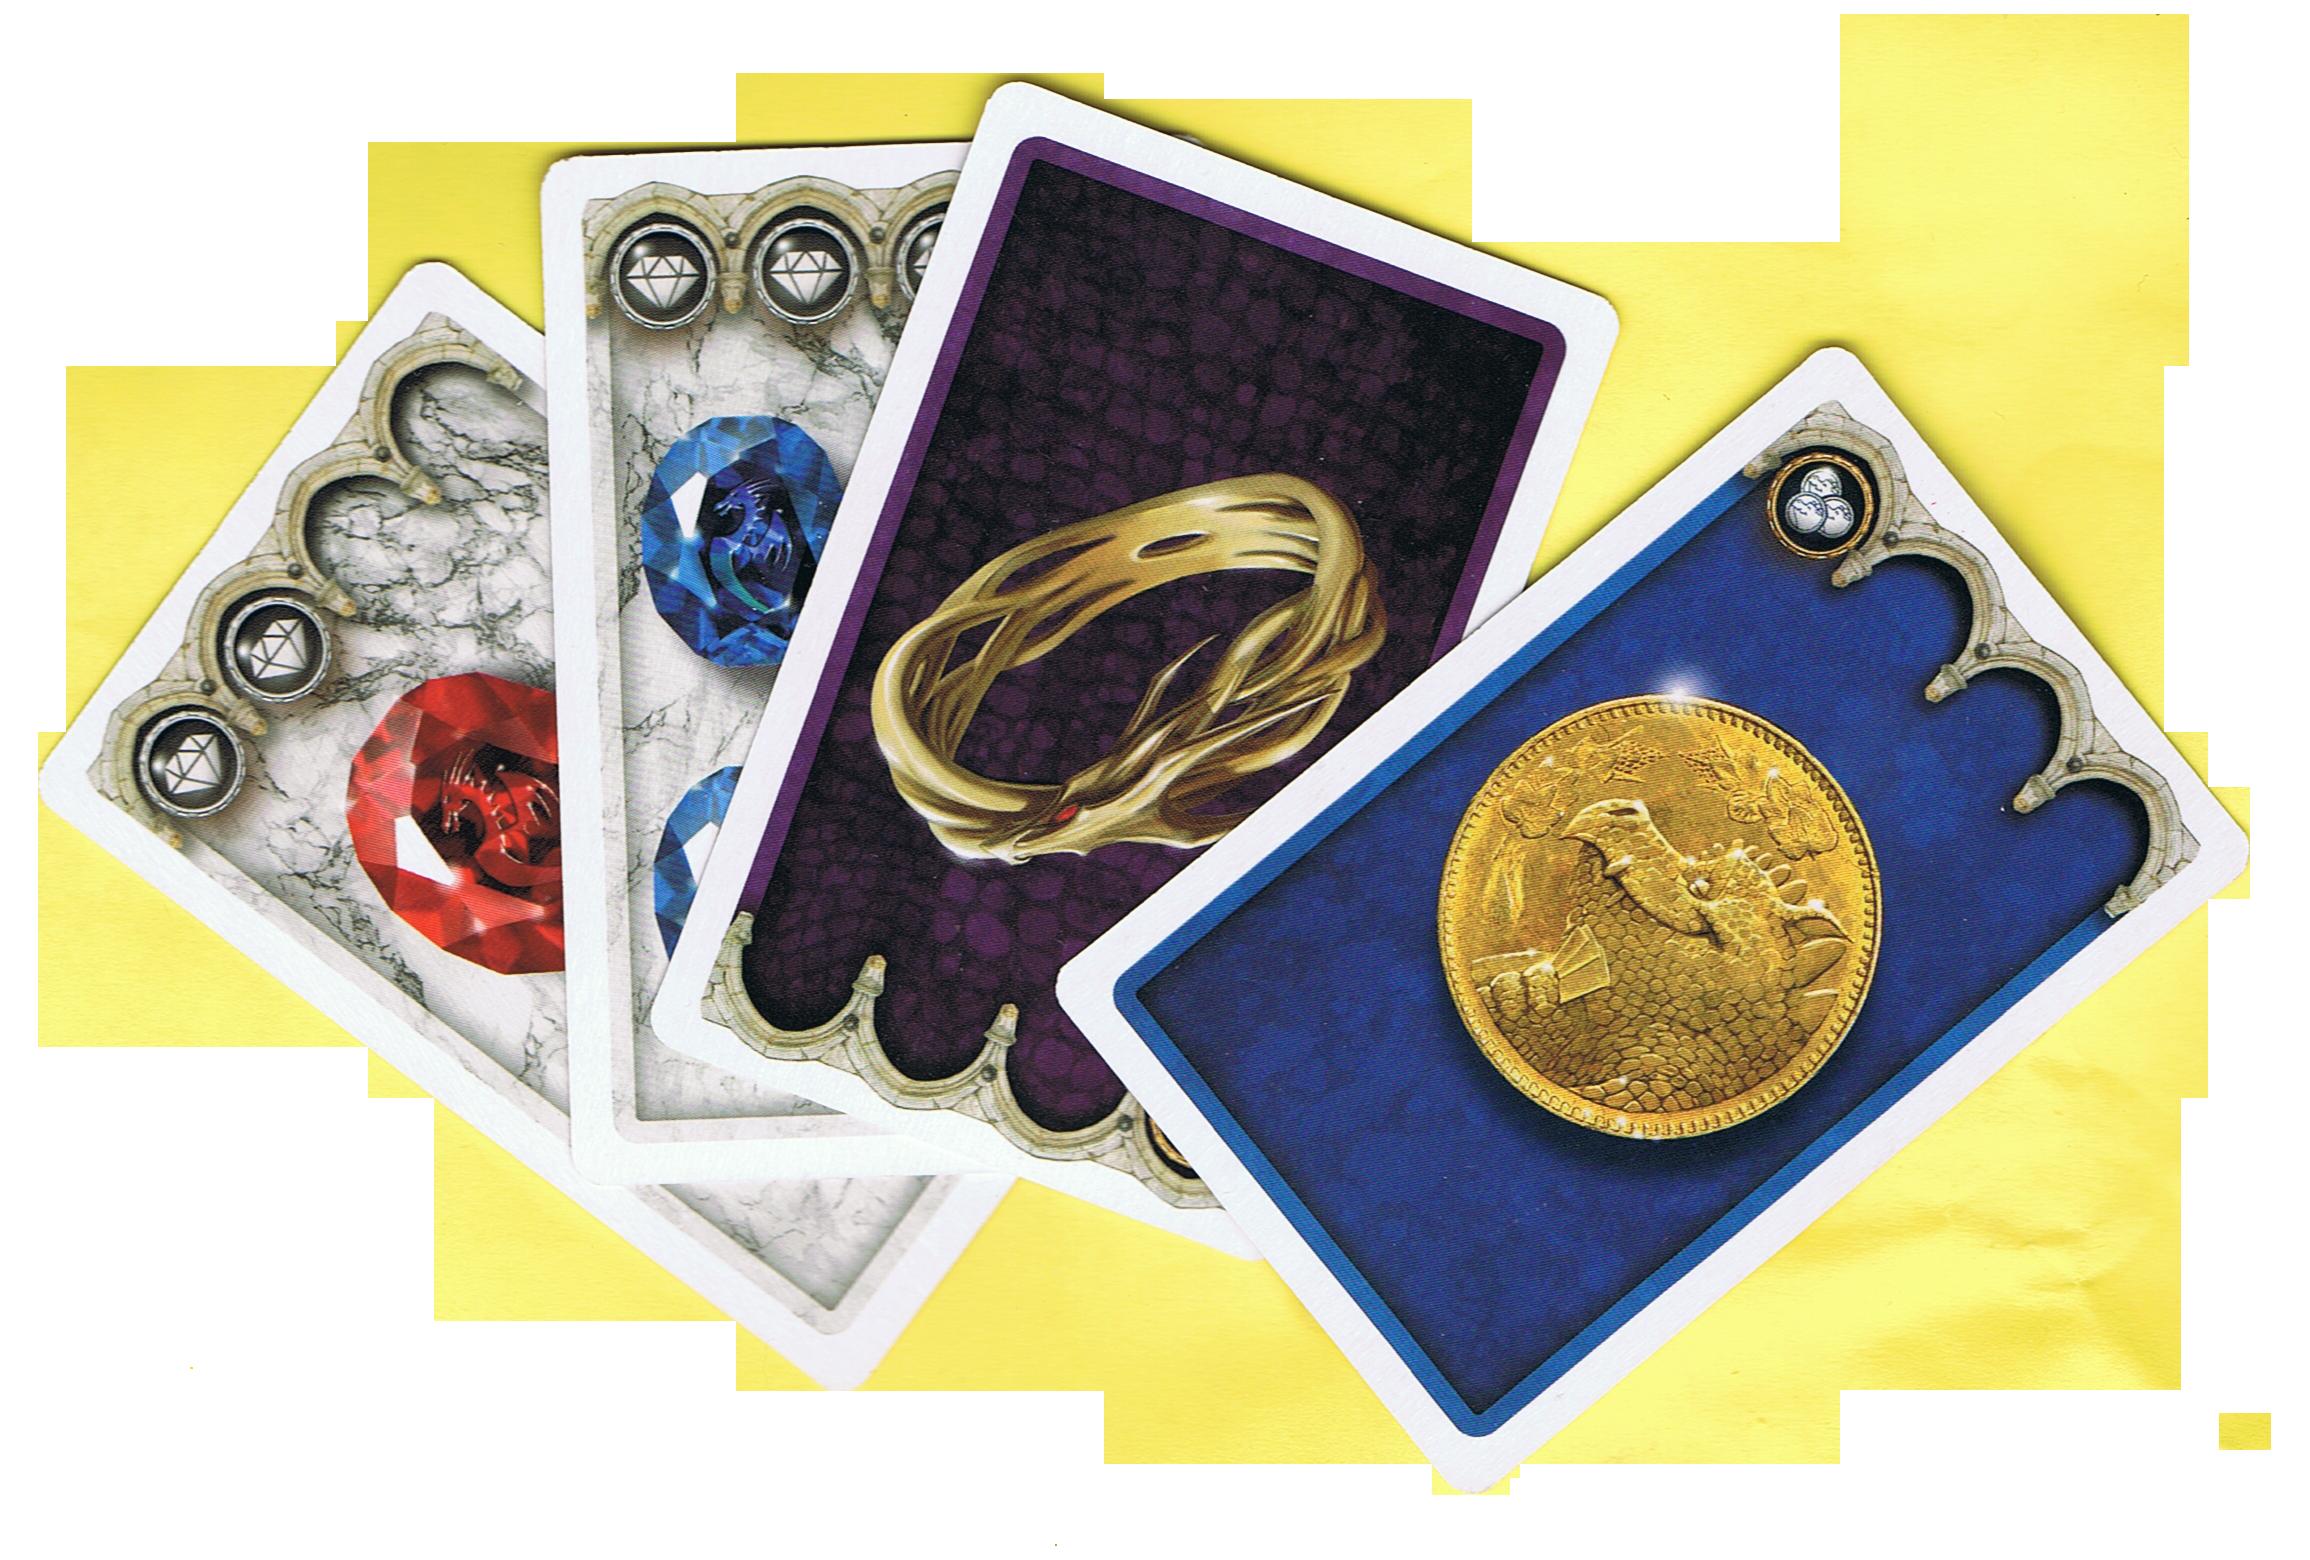 Dragons, pierres précieuses, pièces d'or et anneau encore unique © Matagot / Cochard / Faidutti